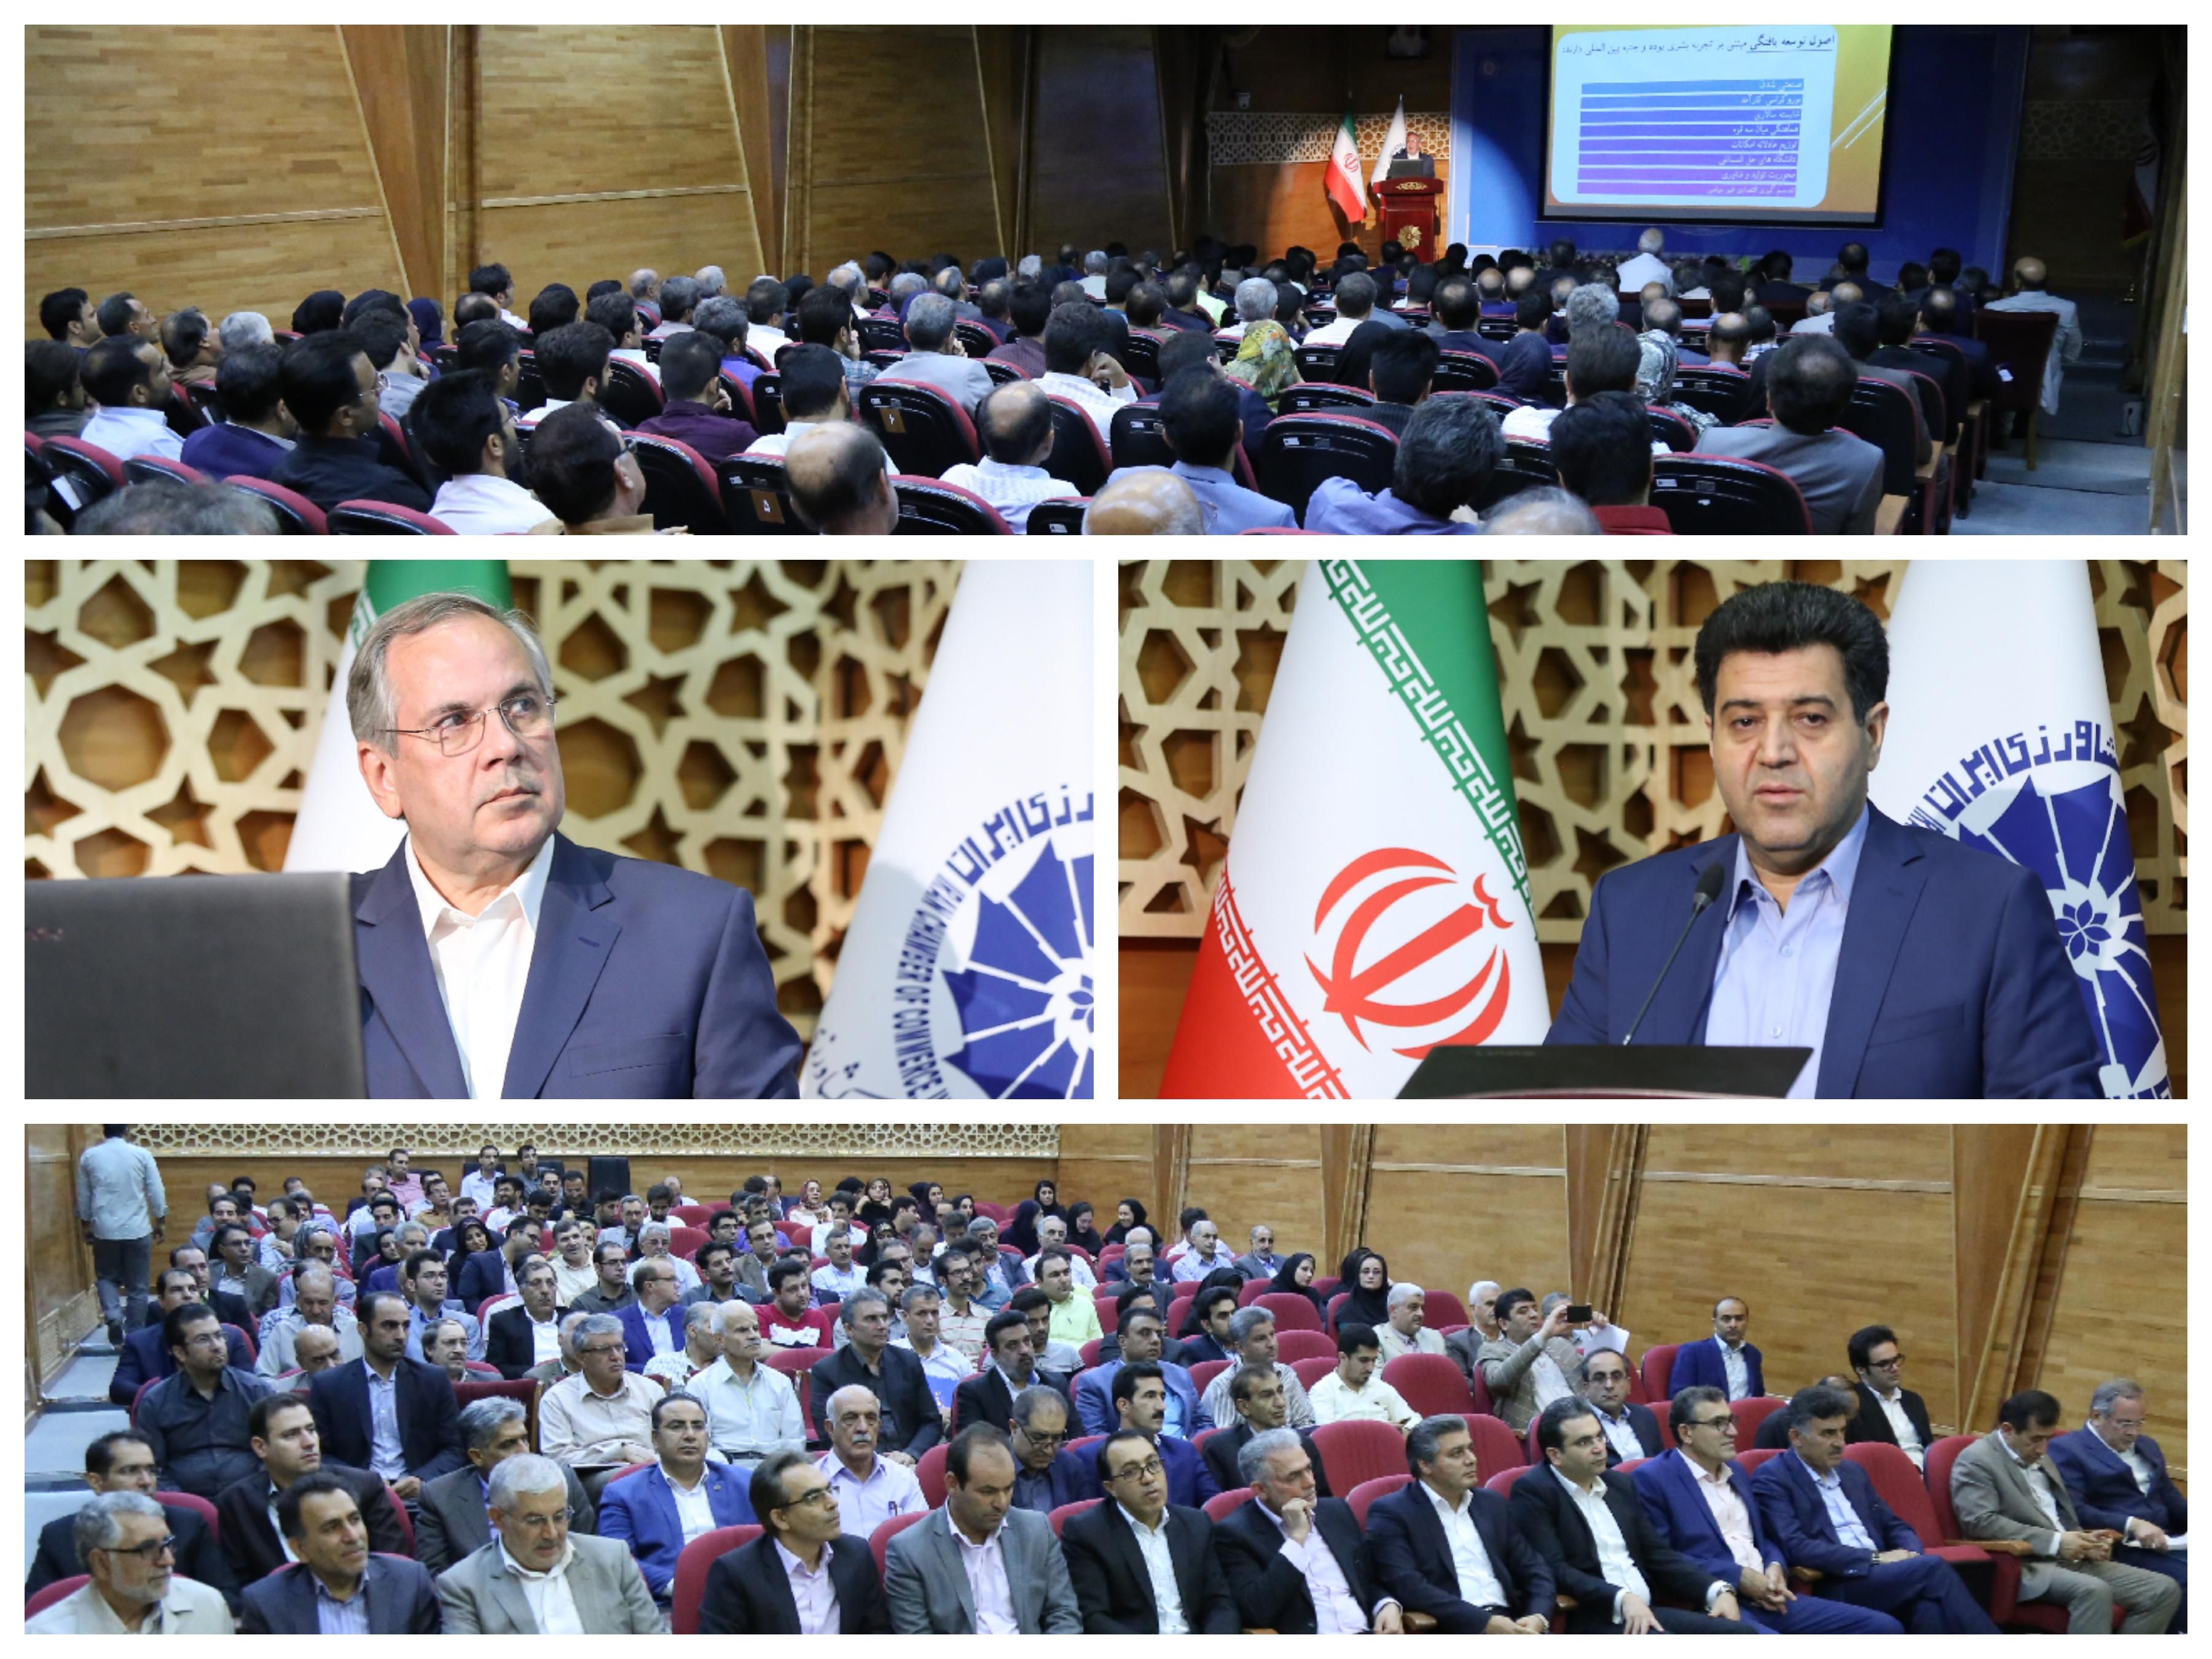 """تصاویر همایش """"نظریه ای برای توسعه ایران """" در اتاق بازرگانی لرستان"""